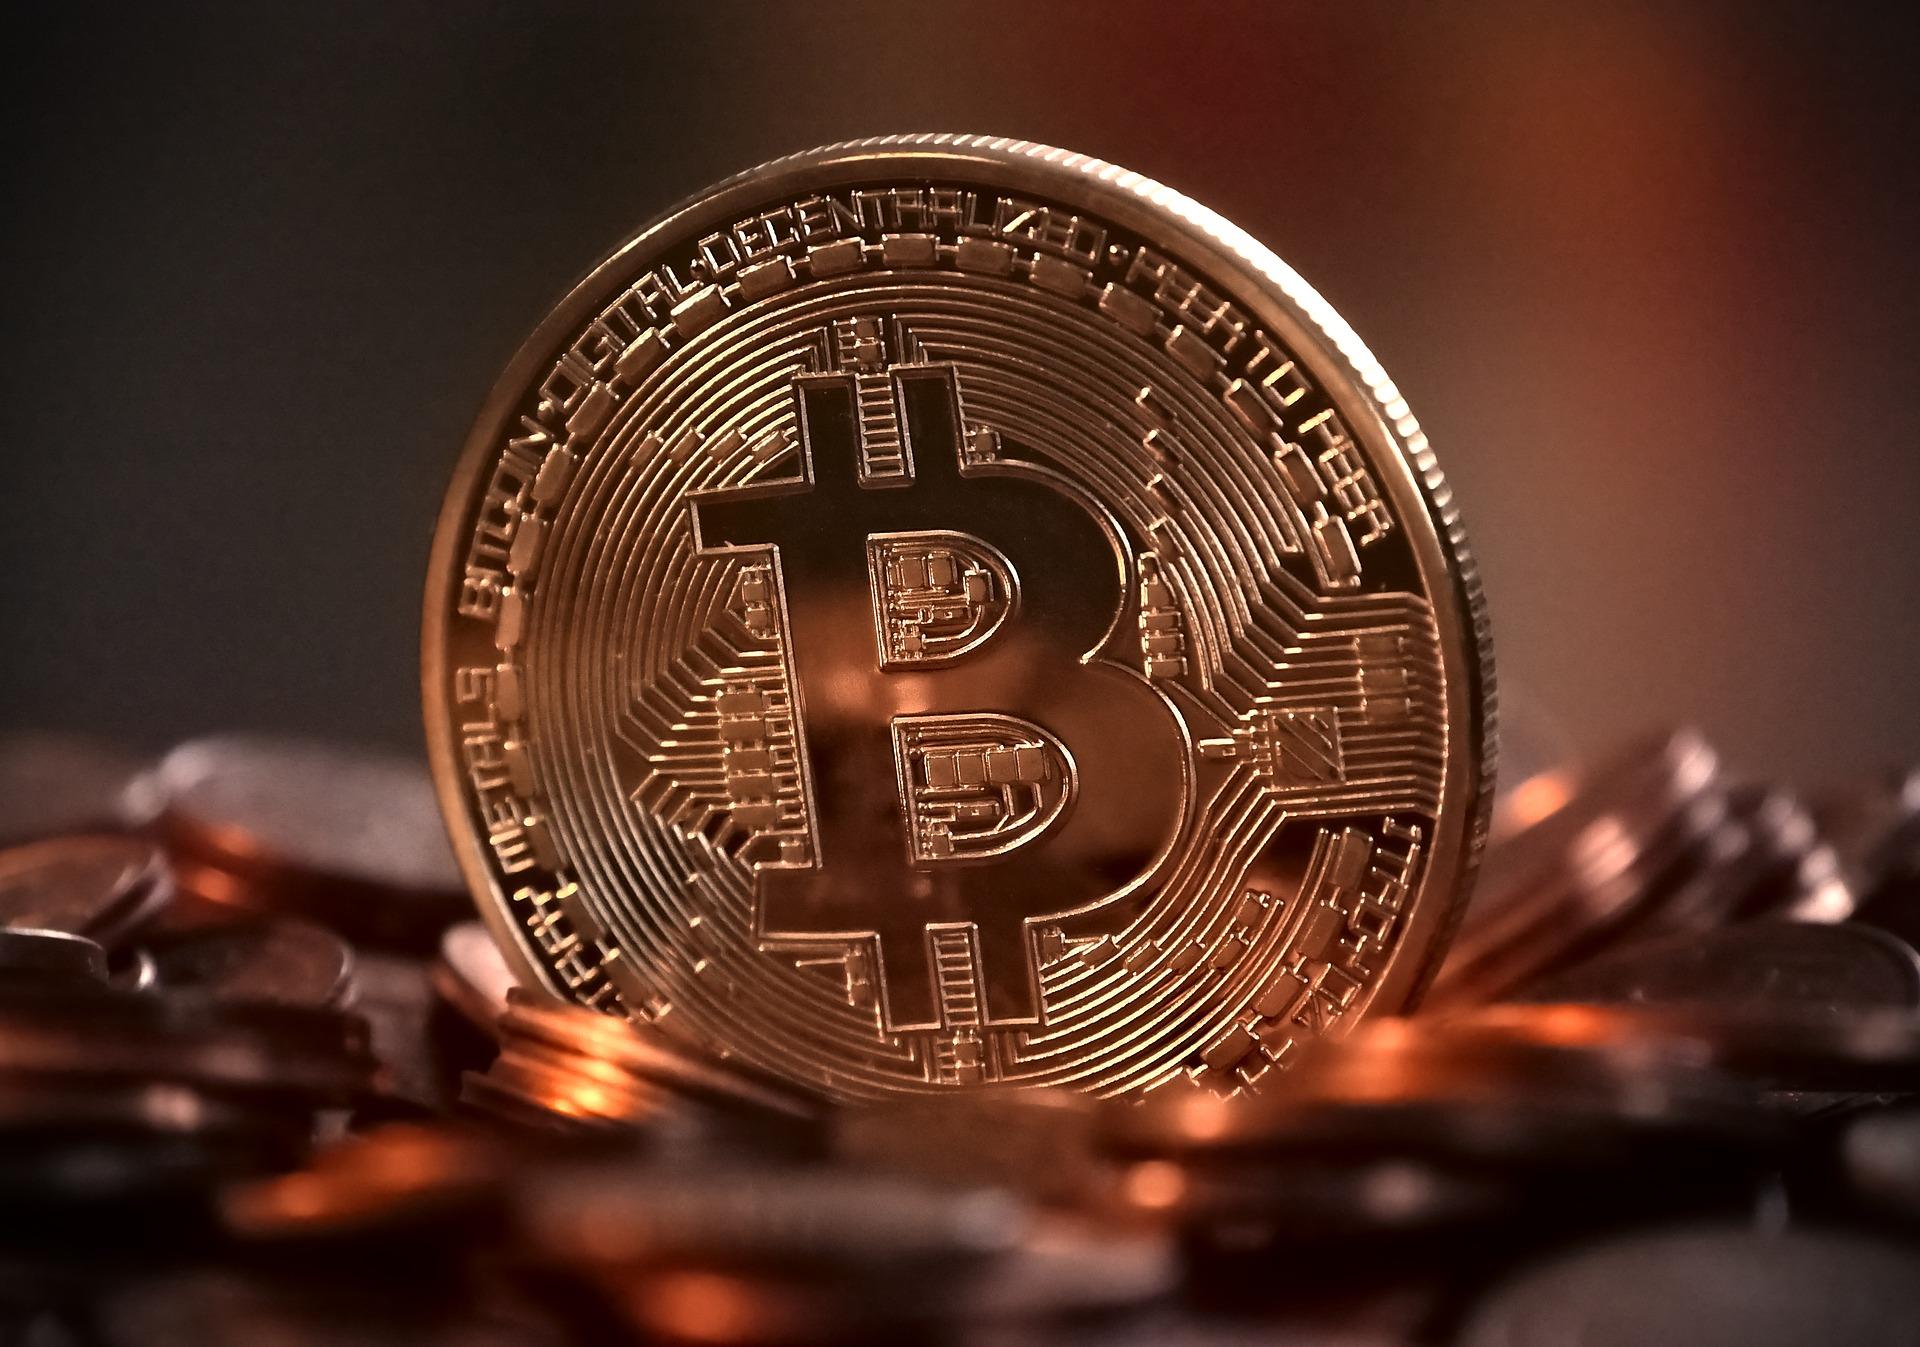 El Tribunal Supremo establece que el «bitcoin» no se puede equiparar al dinero a efectos de responsabilidad civil